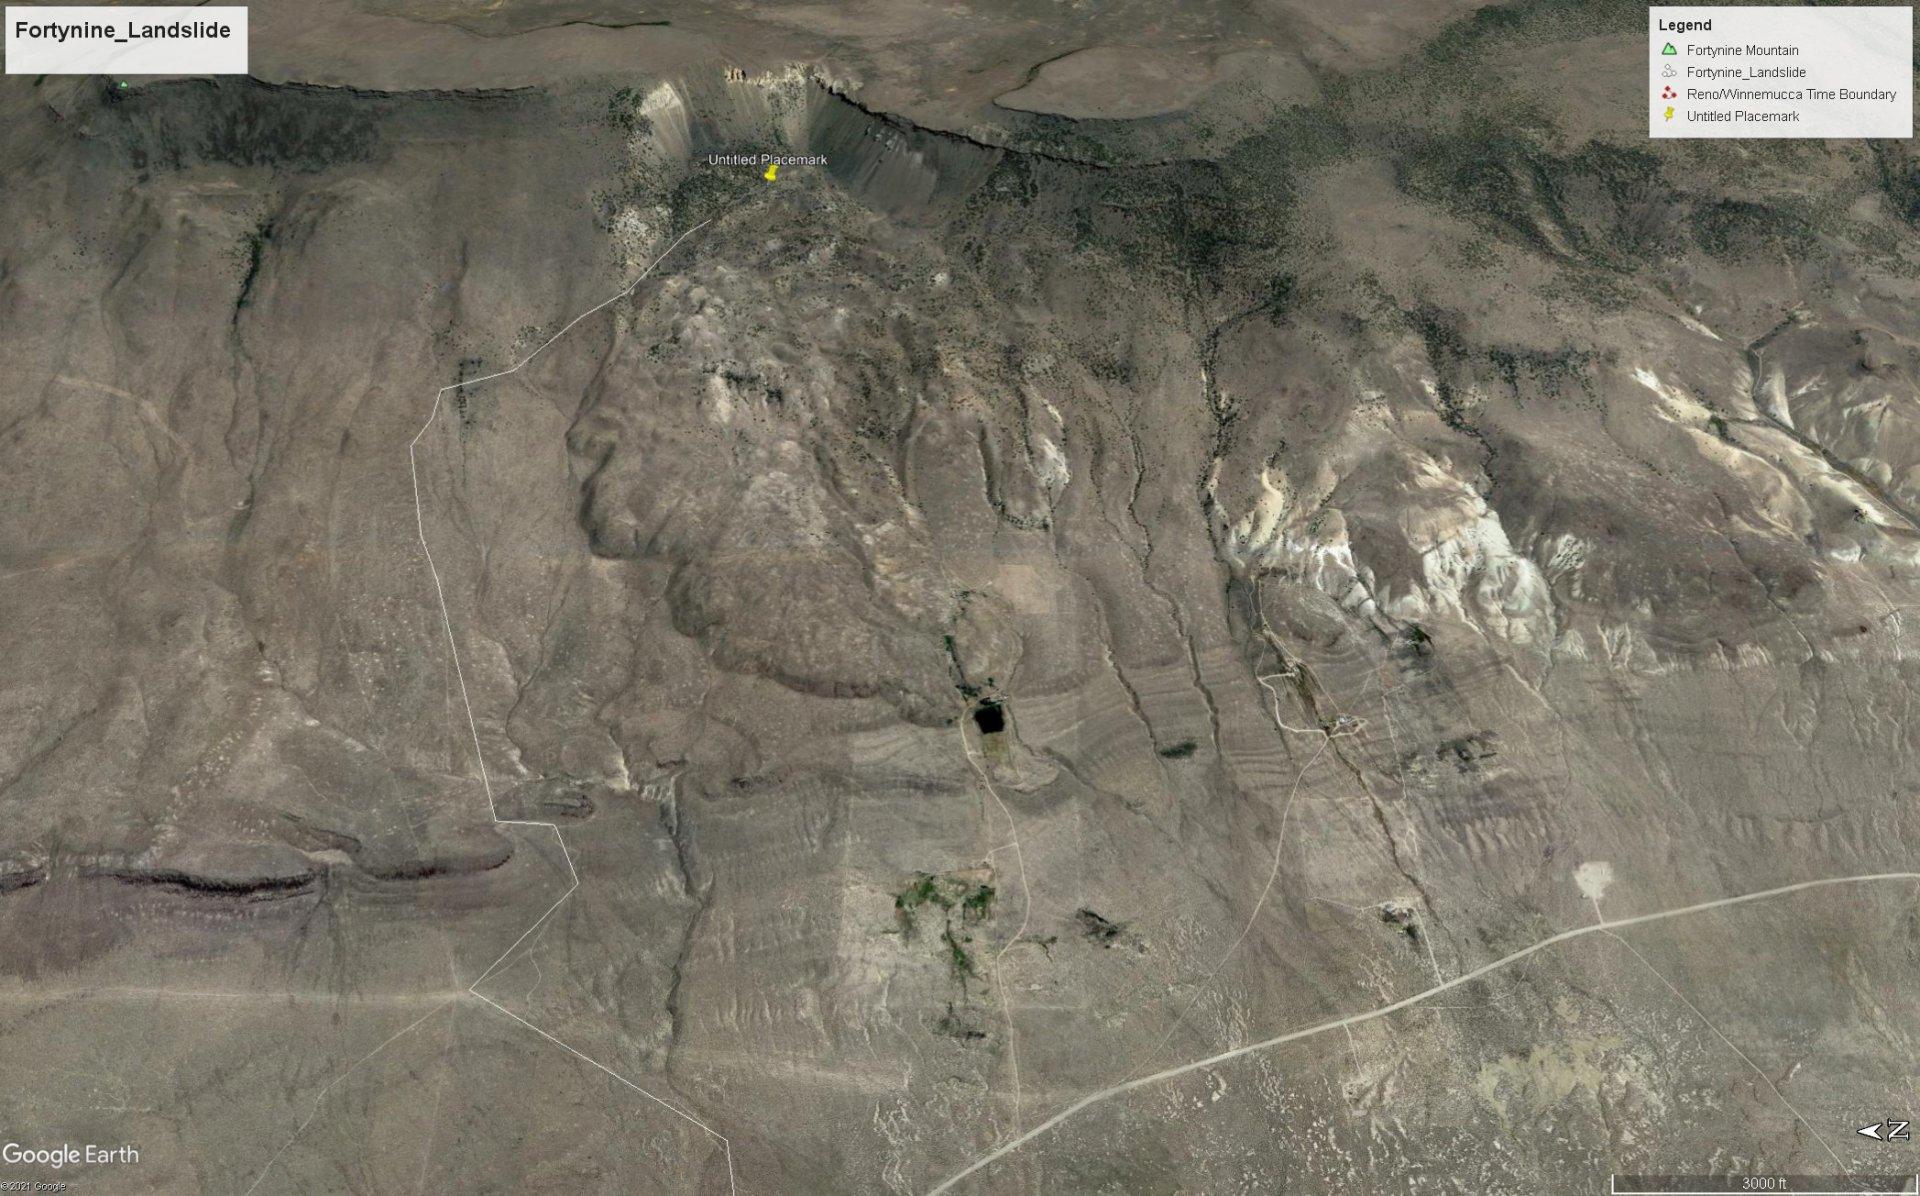 Fortynine_Landslide.jpg